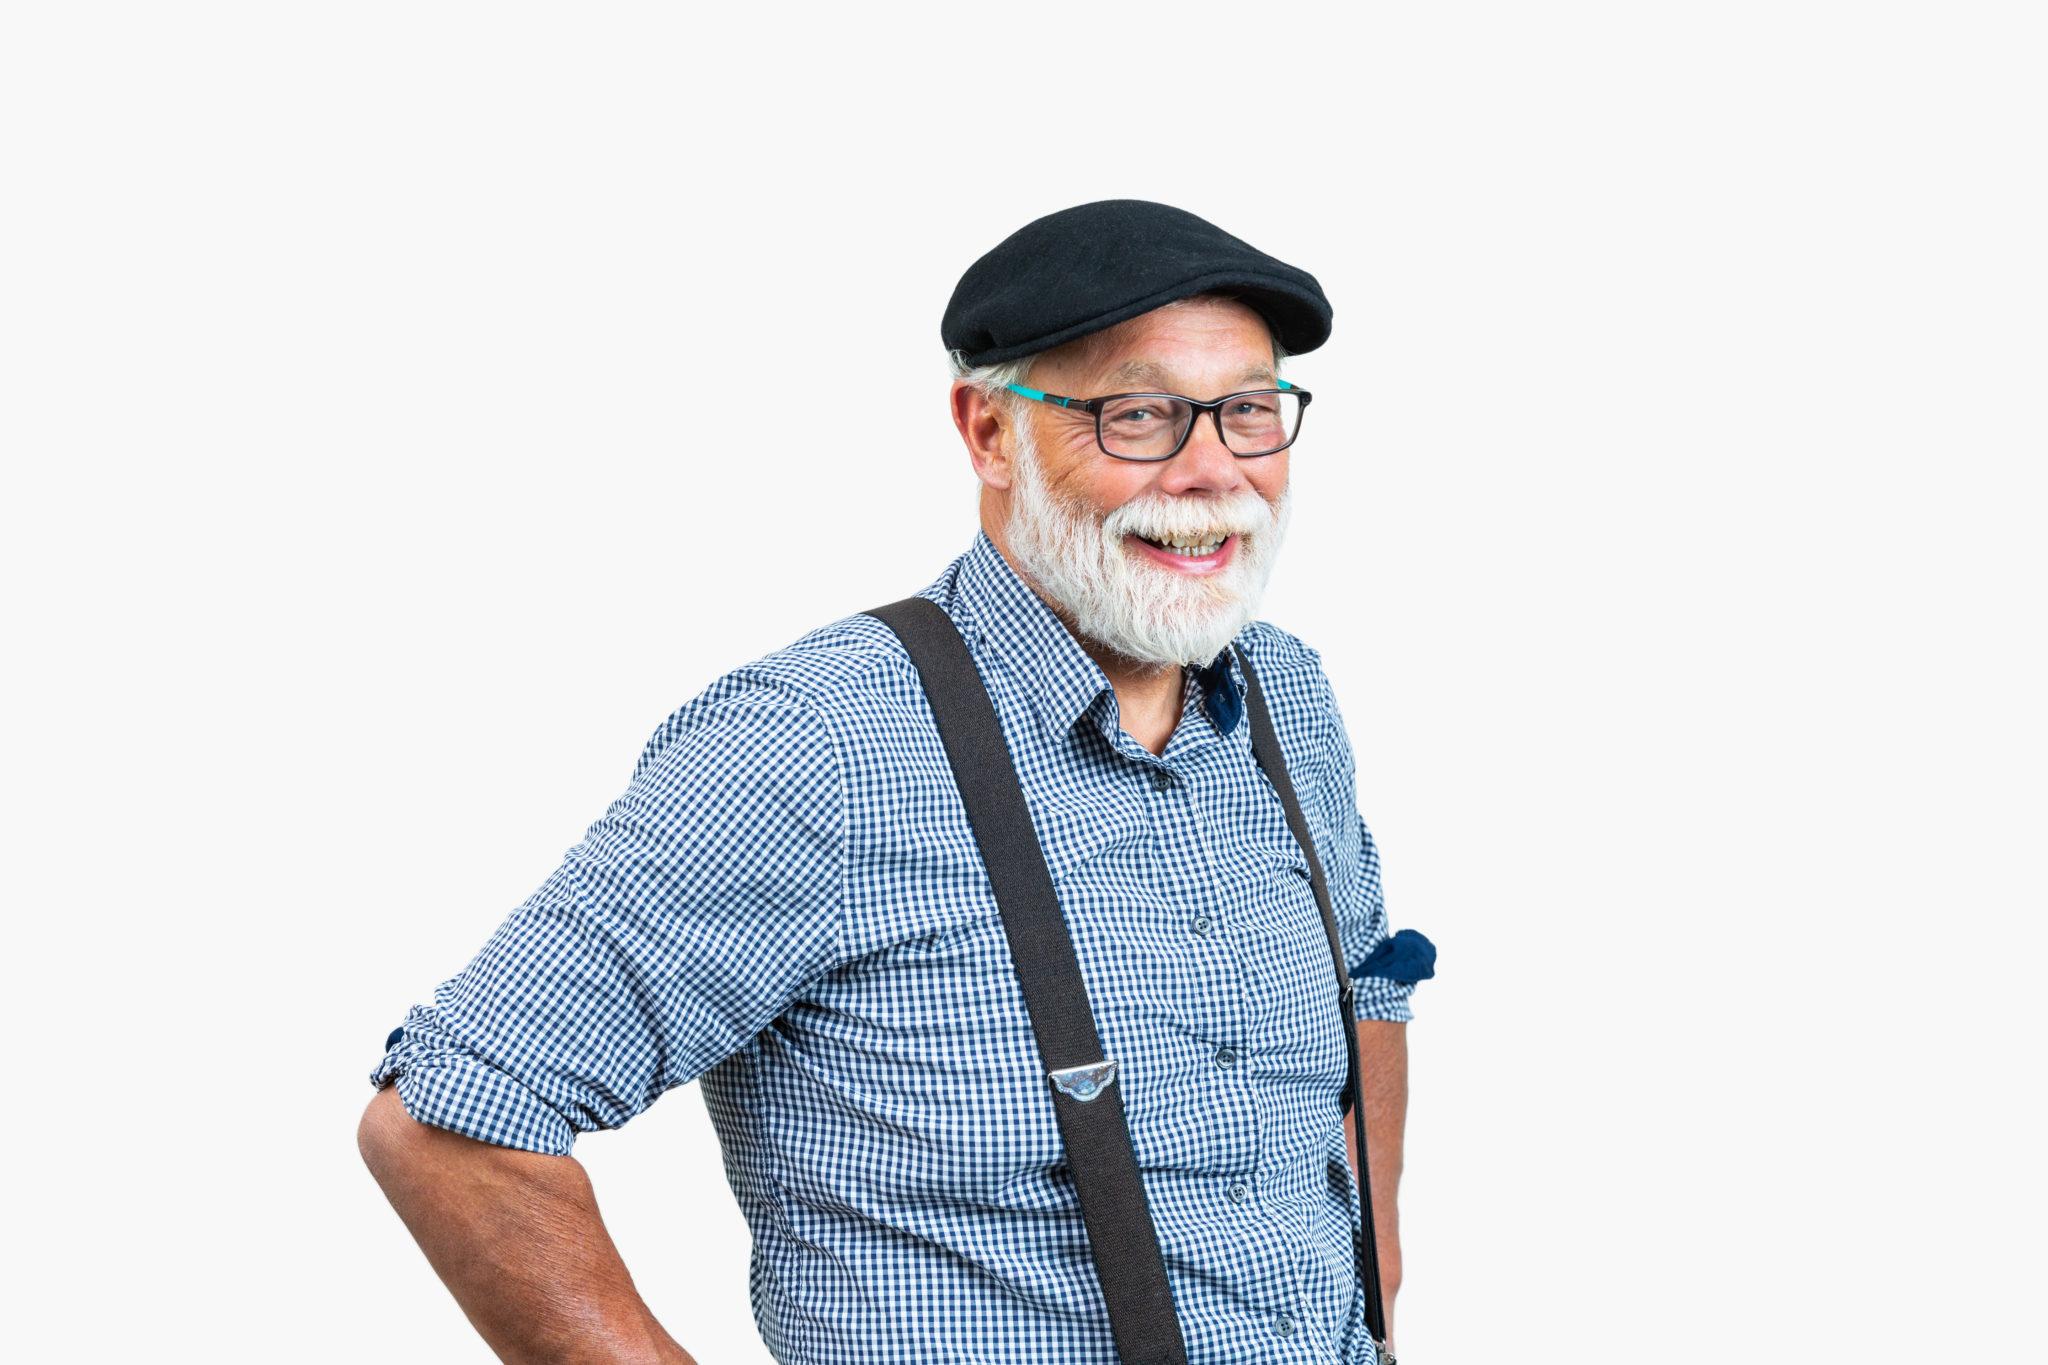 Brian Lippincott